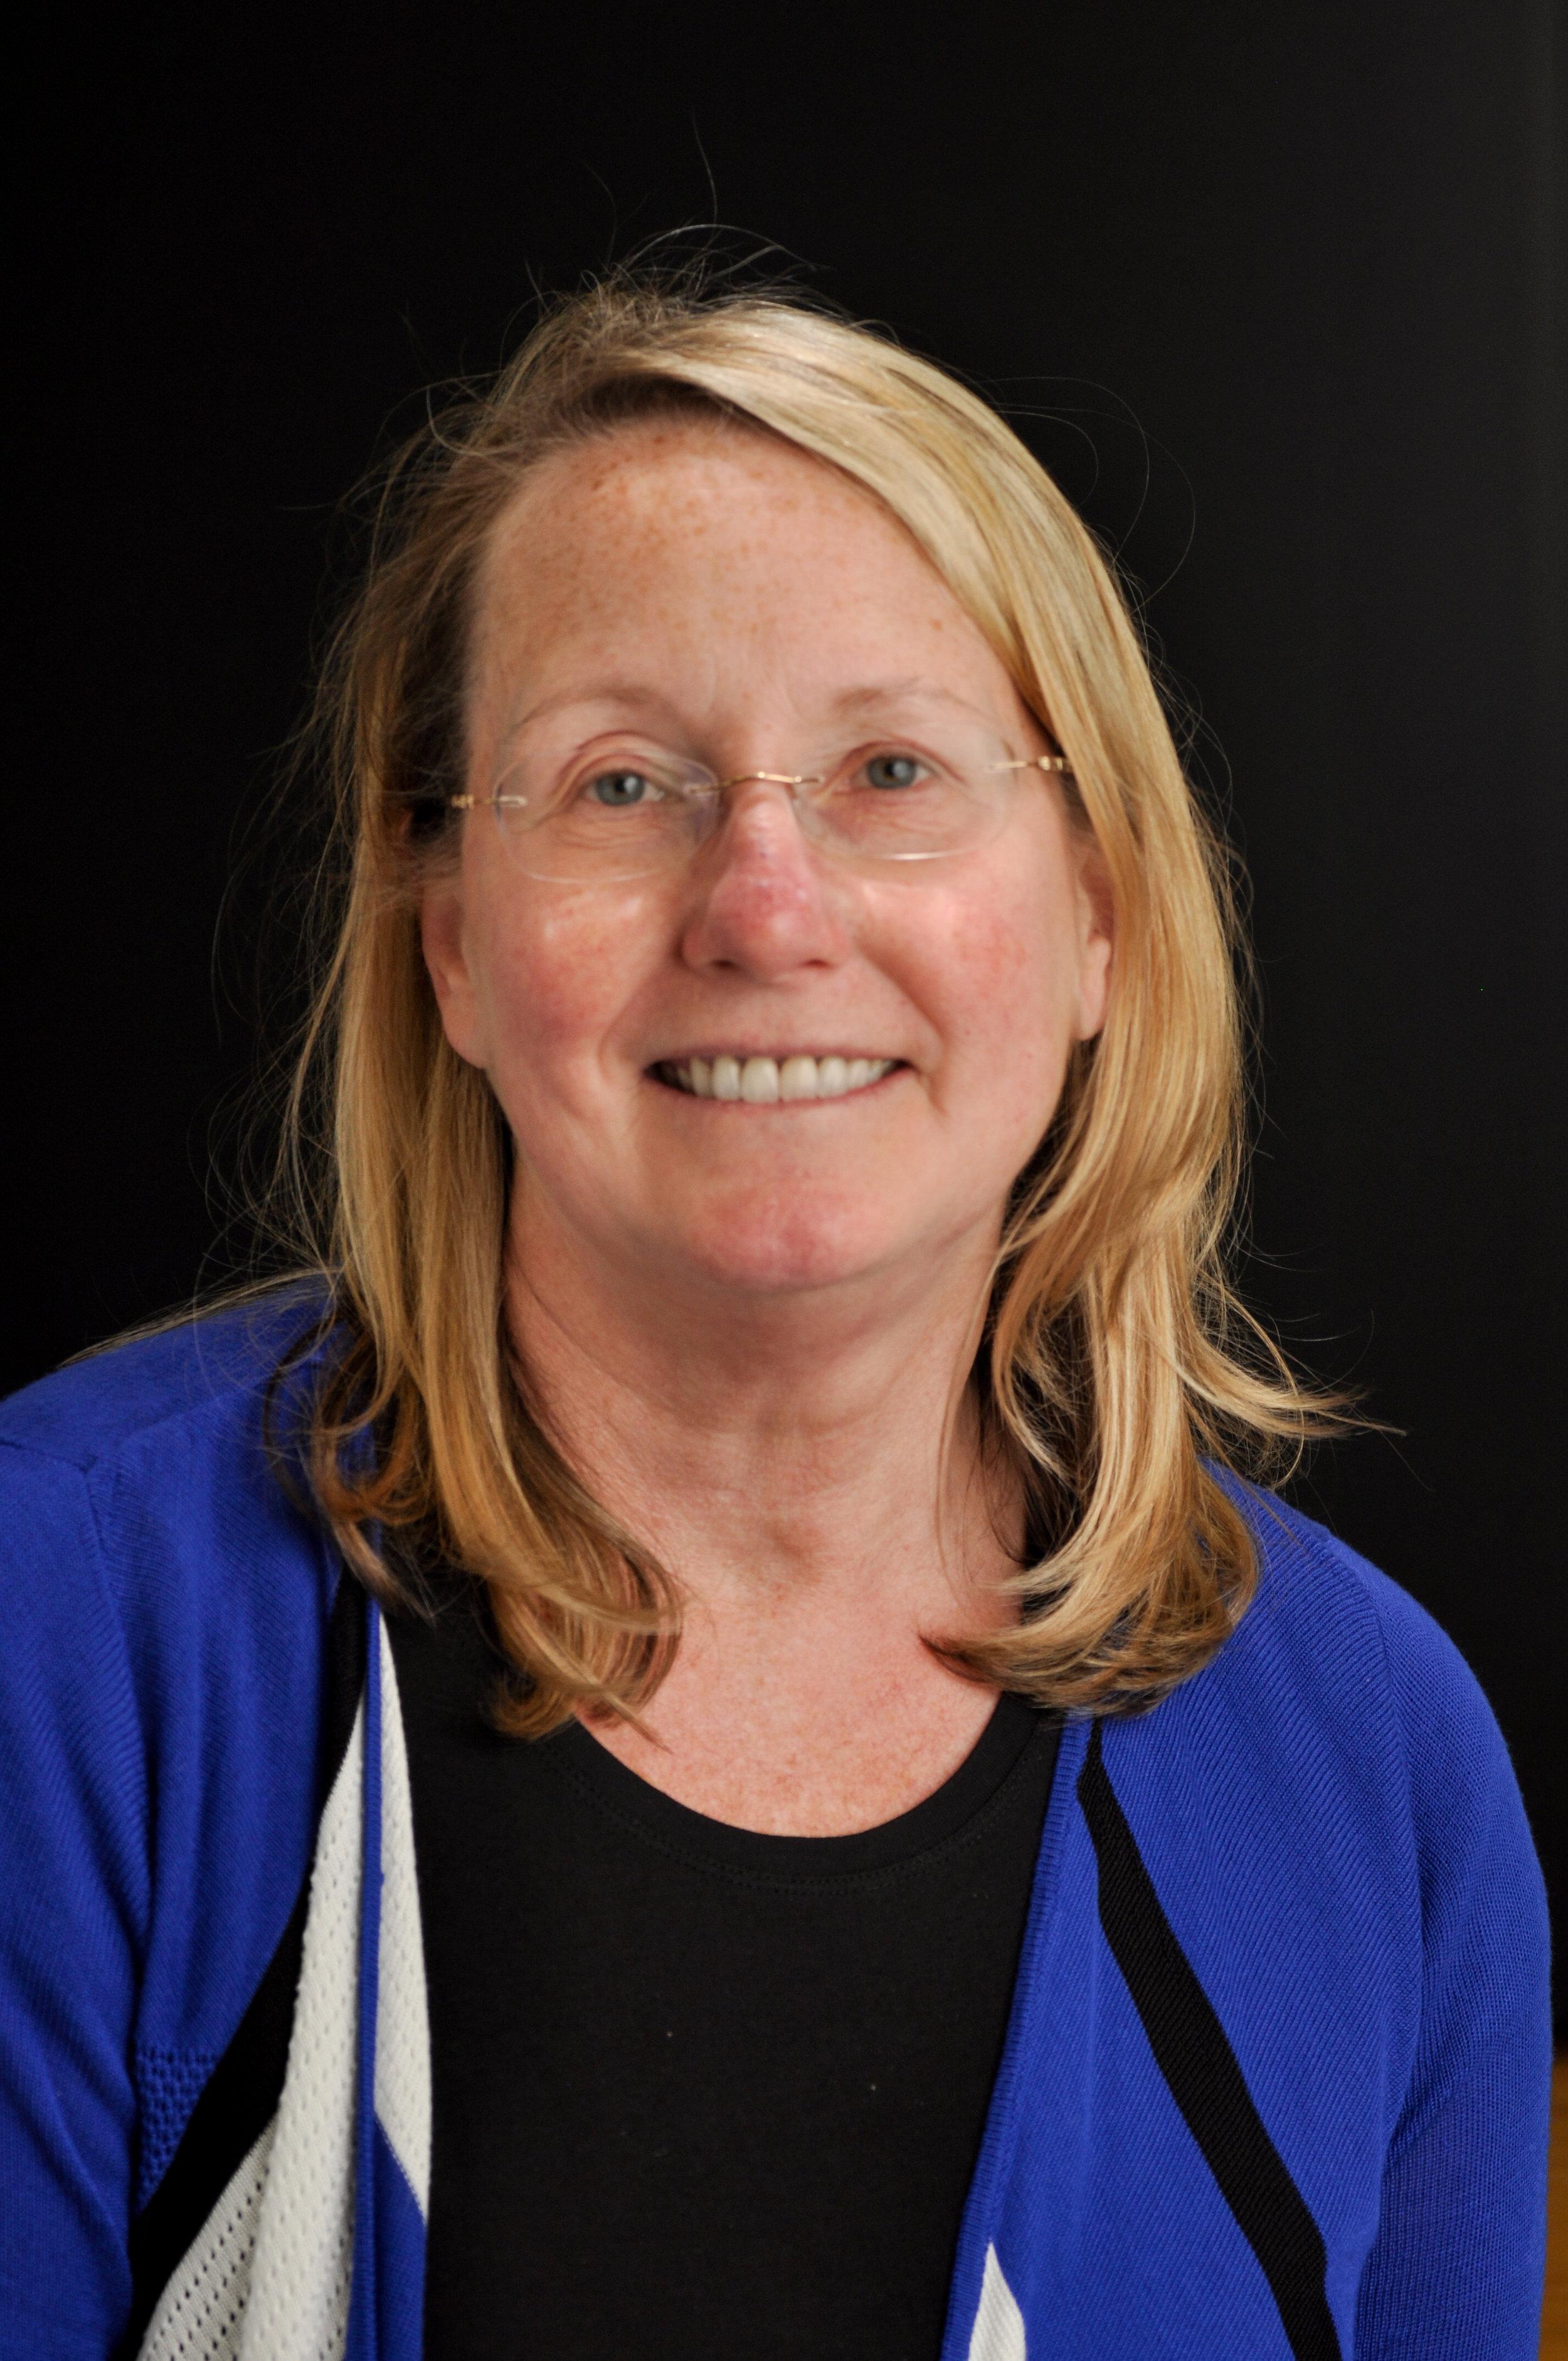 Kathy Renstrom